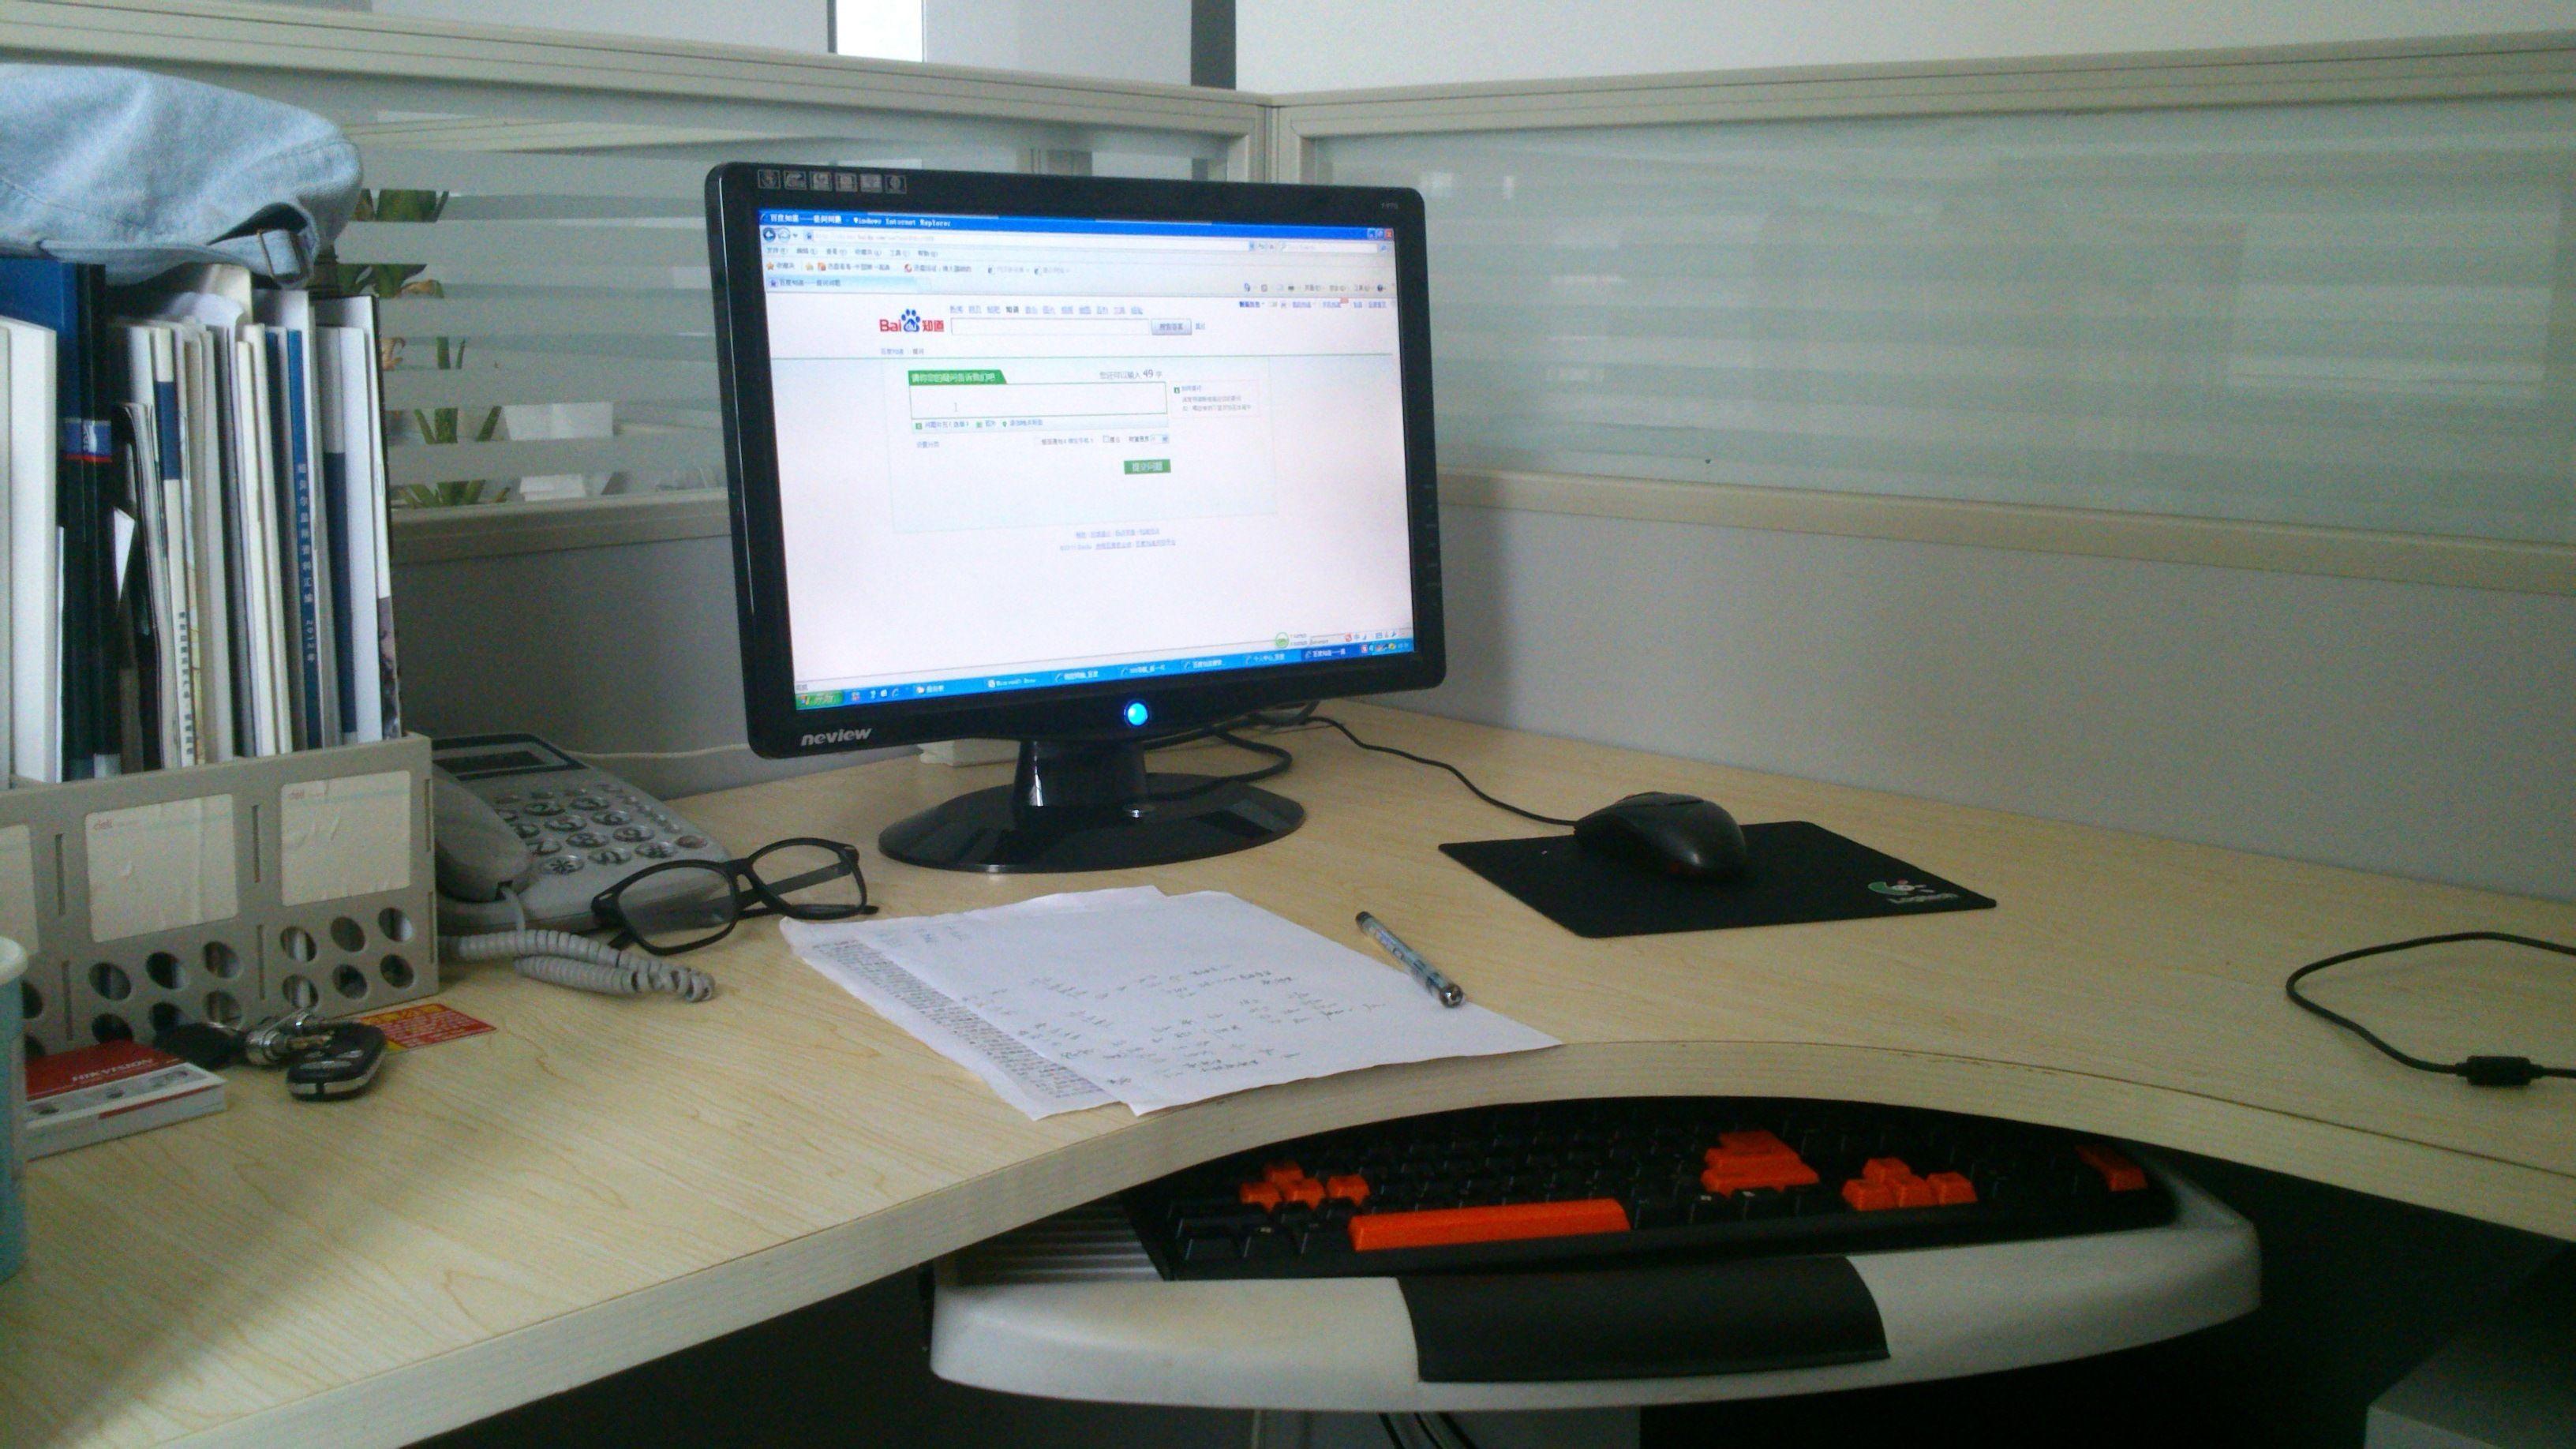 办公桌上想摆放两盆植物,一盆水培金钱草不知道办公桌图片